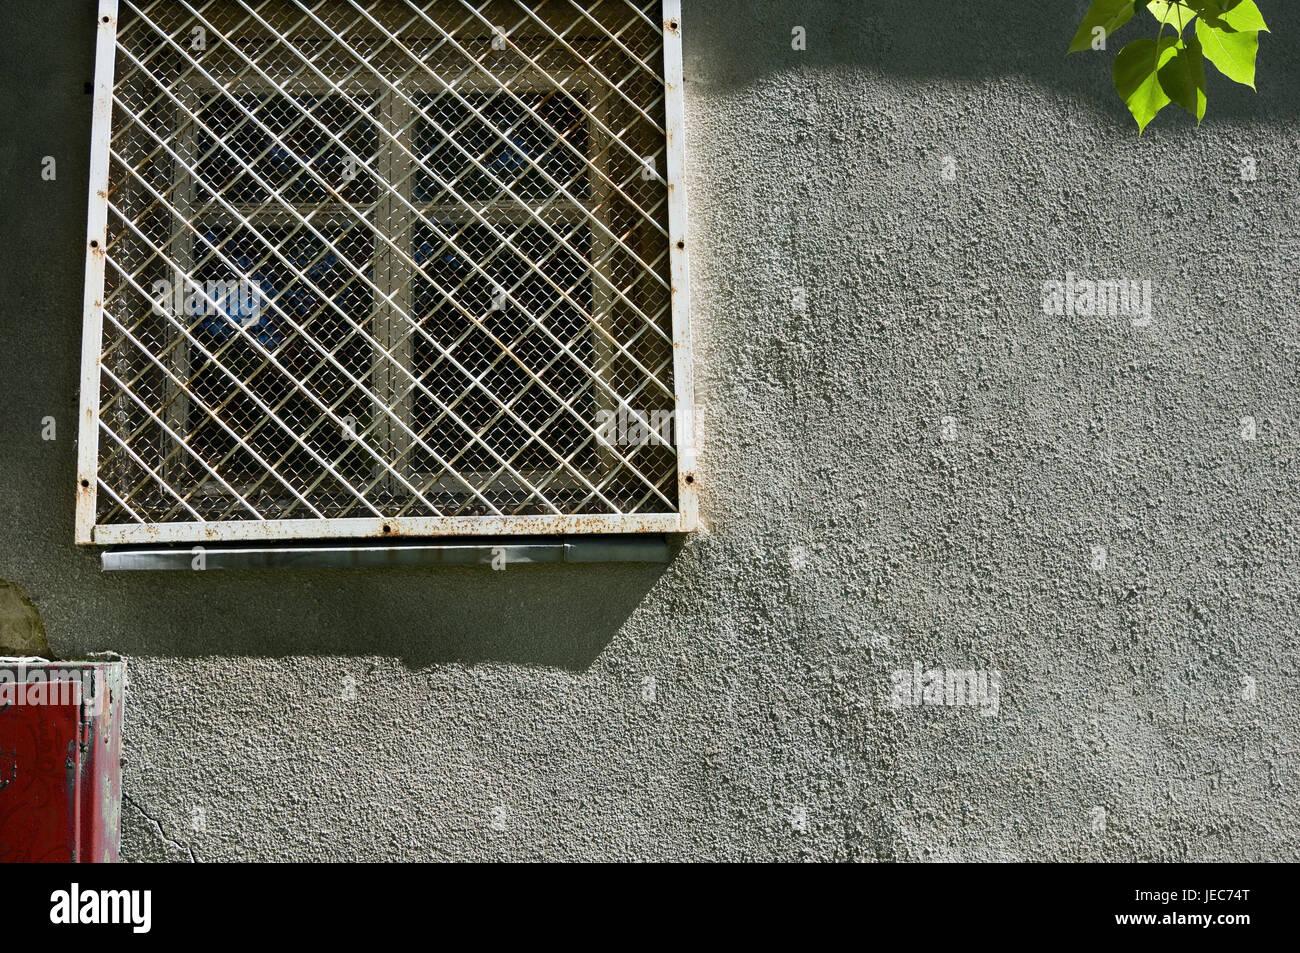 Favorit Wand des Hauses, Fenster Gitter, Fenster, Gitter, Wand GI12